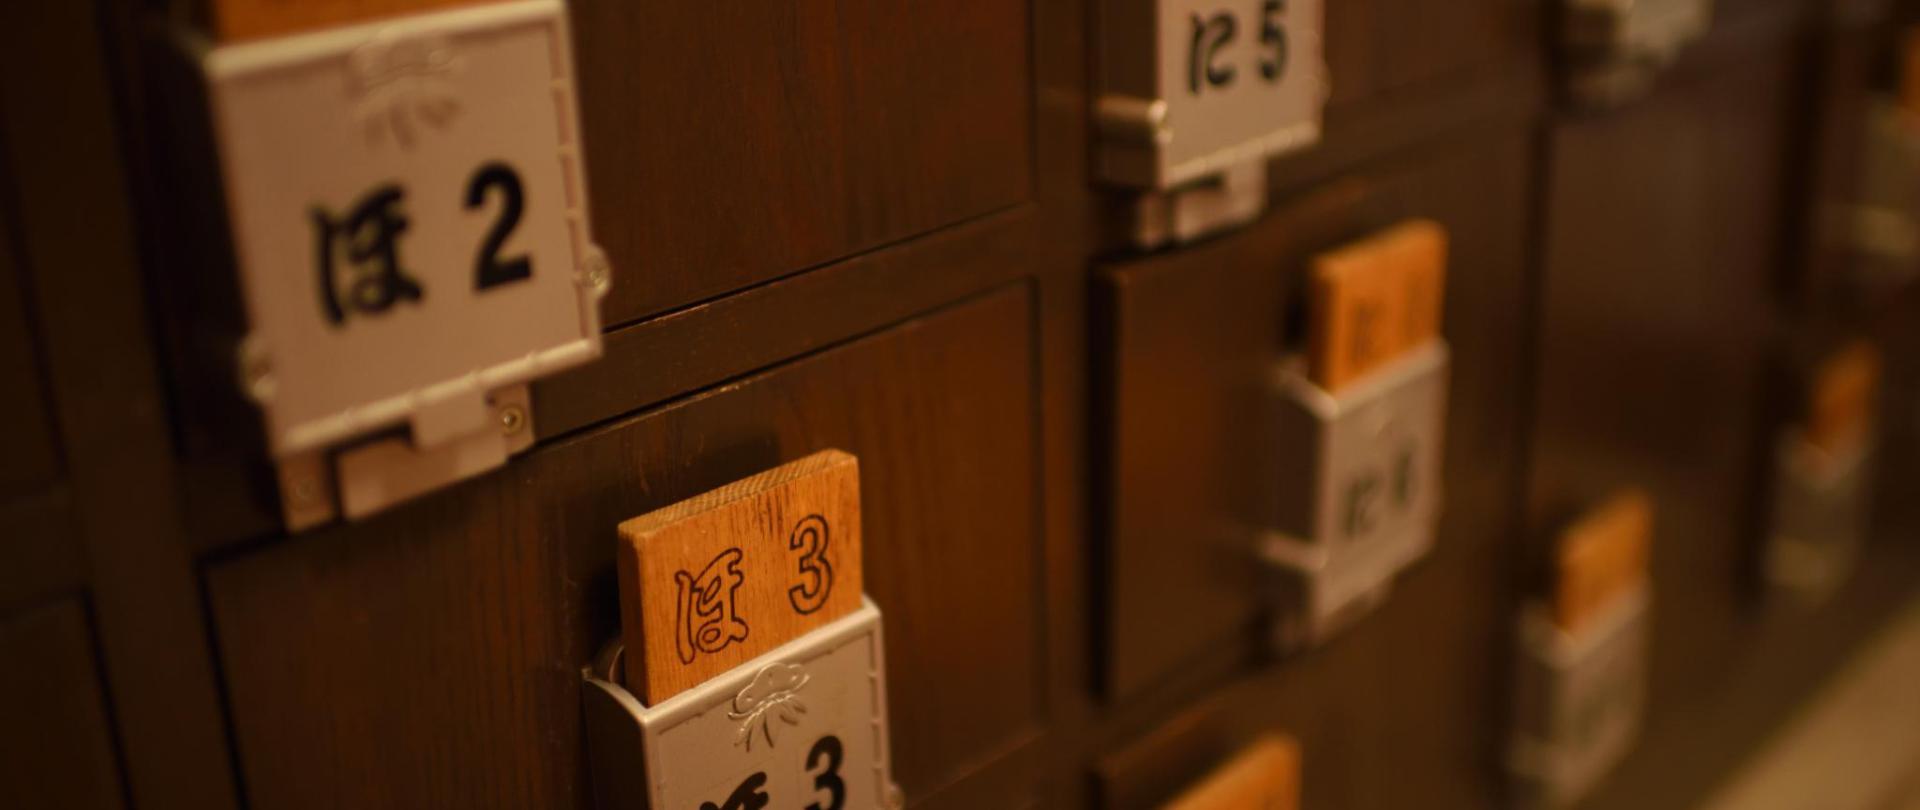 161130-いこい荘-036.JPG